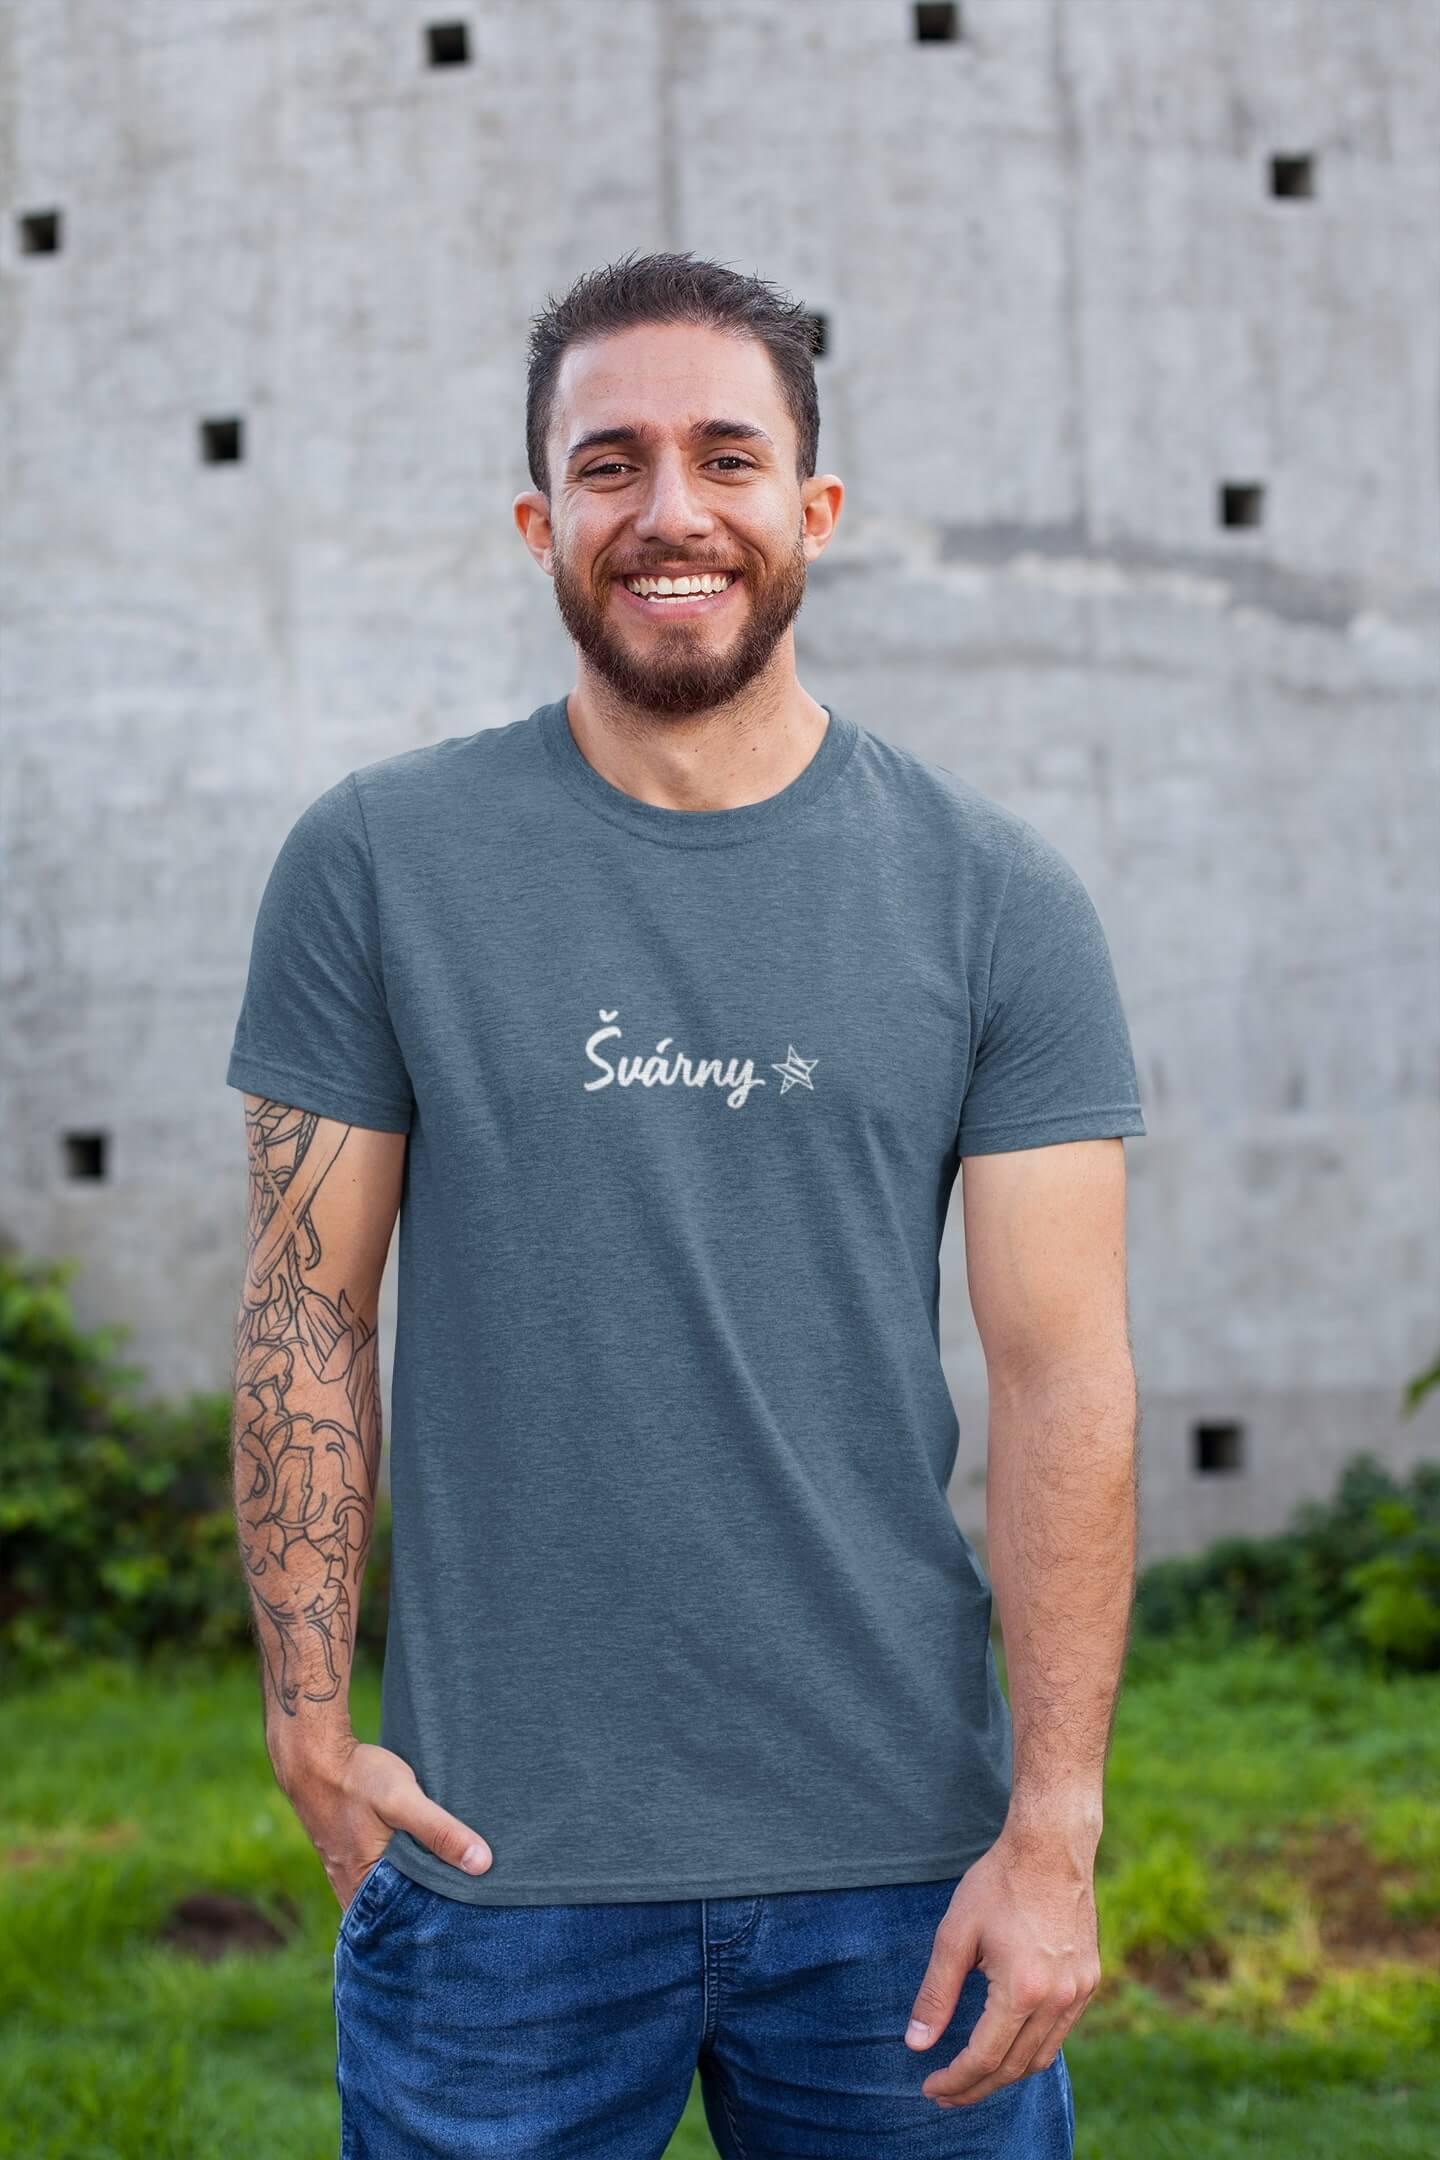 MMO Pánske tričko Švárny Vyberte farbu: Denim, Vyberte veľkosť: XS